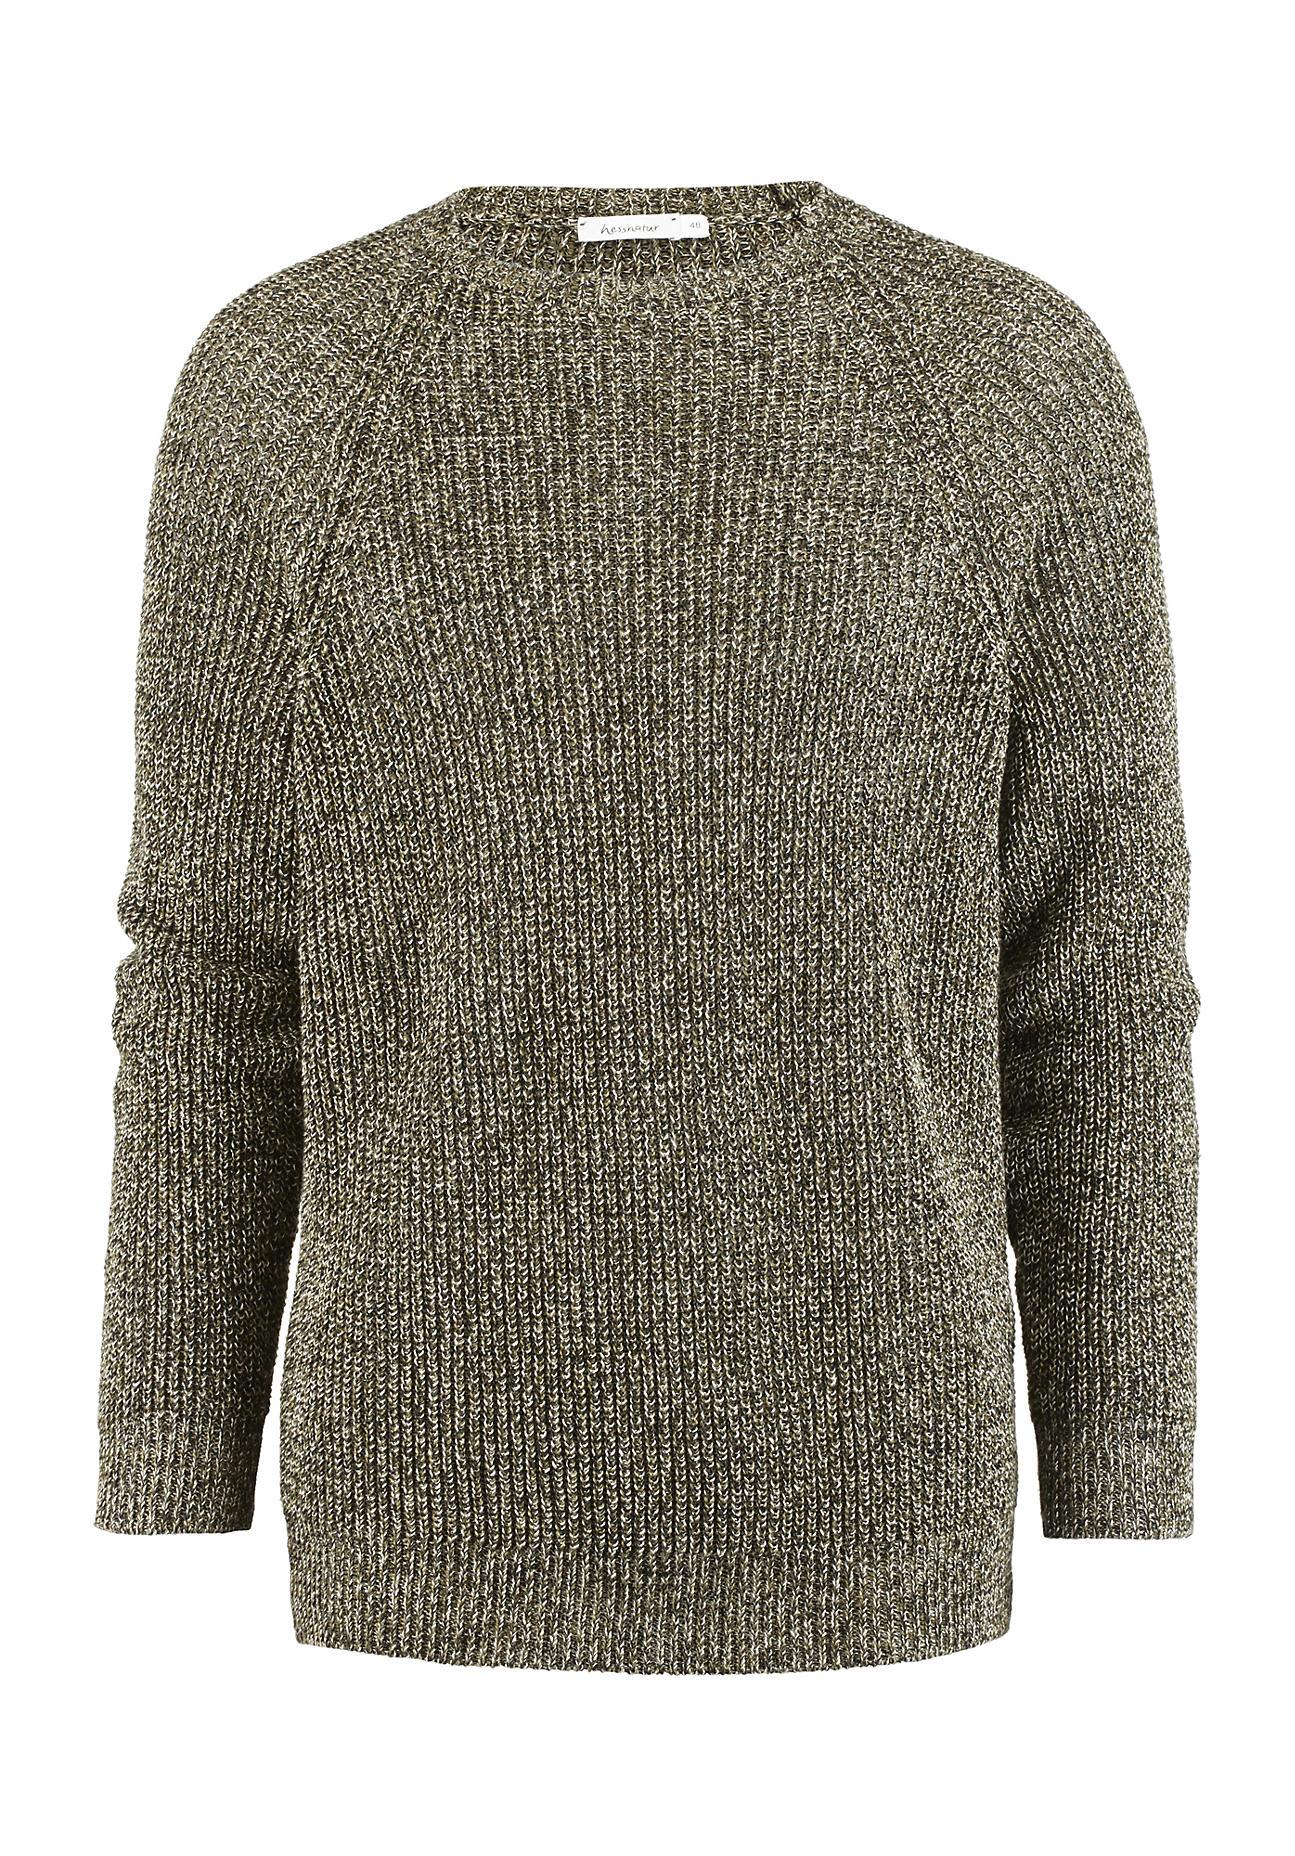 hessnatur Herren Pullover aus Leinen – grün – Größe 48